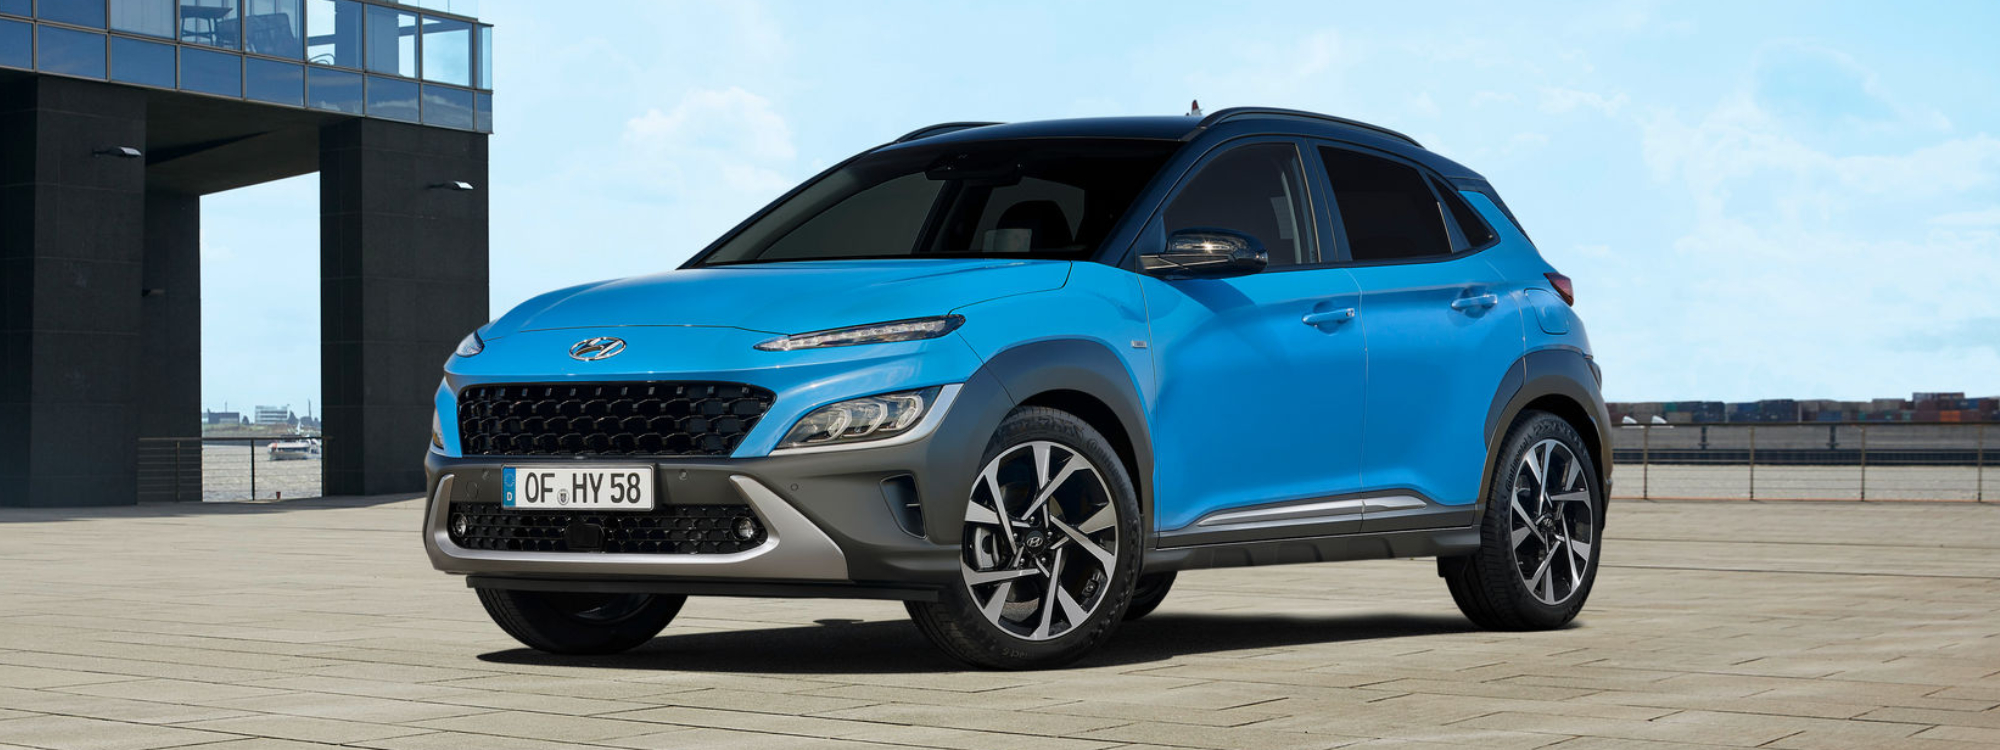 Mire cómo son los nuevos Hyundai Kona 2021